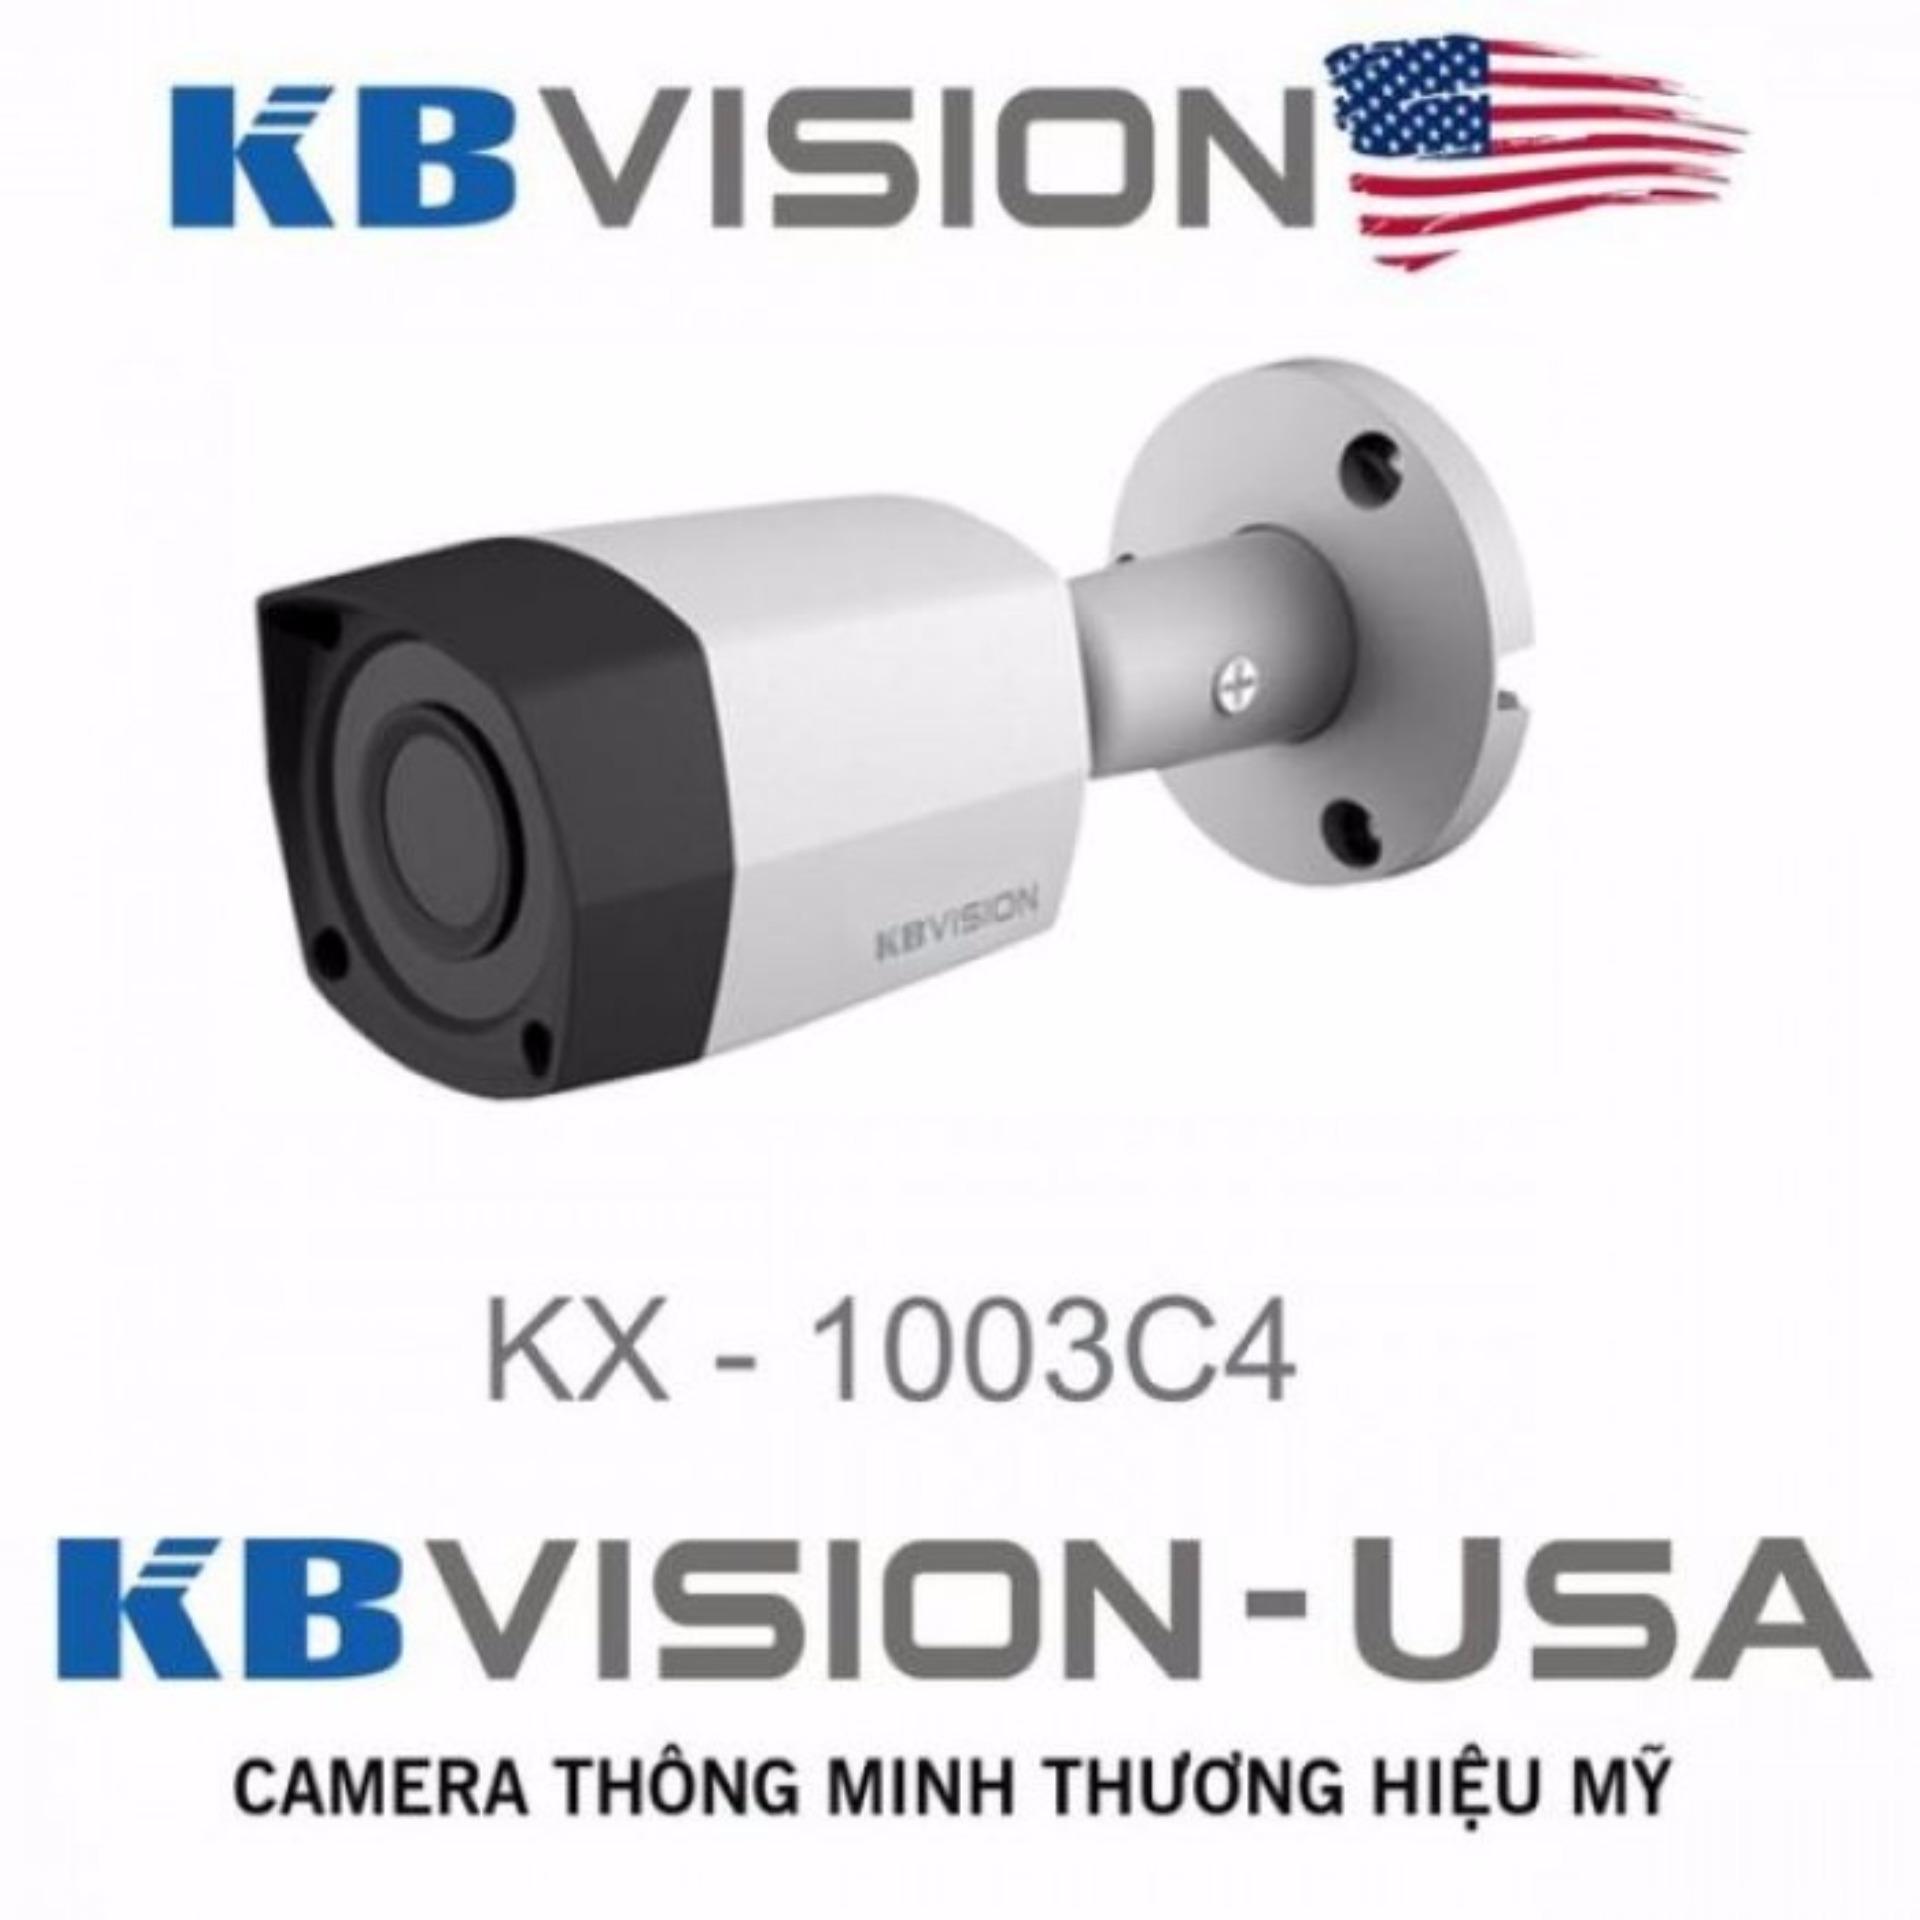 Giá Sốc Camera quan sát ngày đêm Kbvision KX-1003C4 USA KX-1003C4